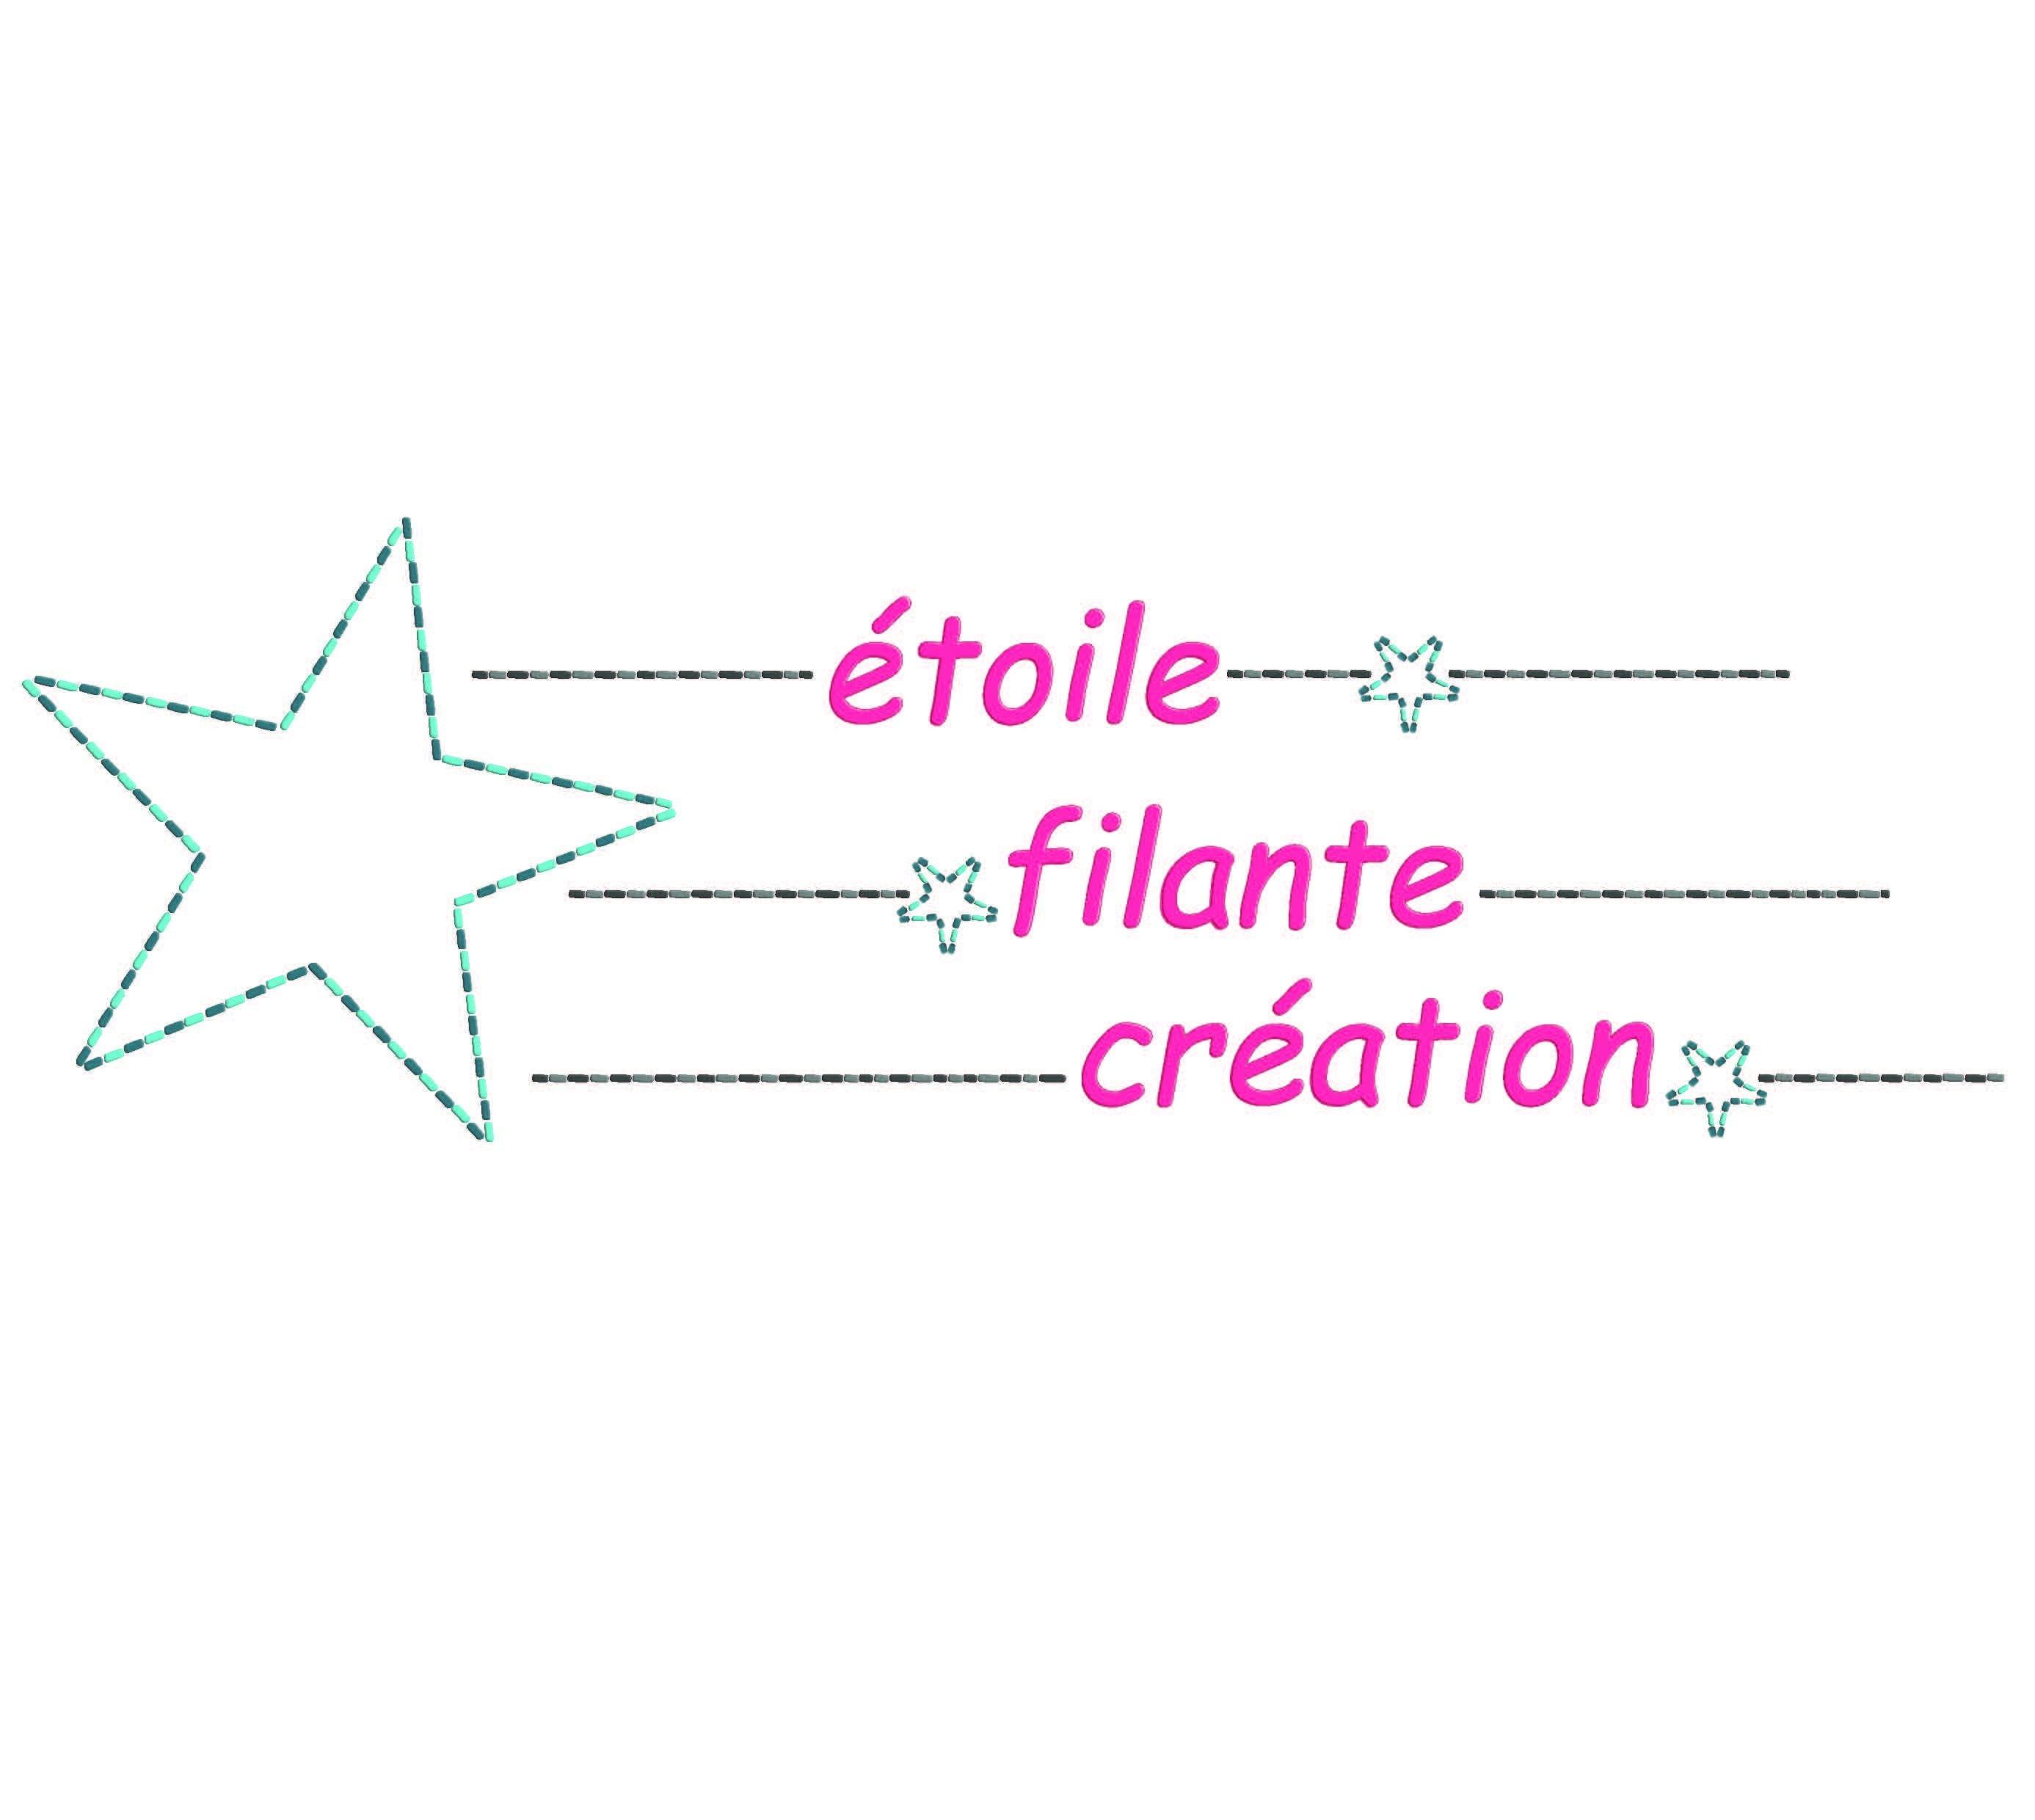 Etoile Filante Création